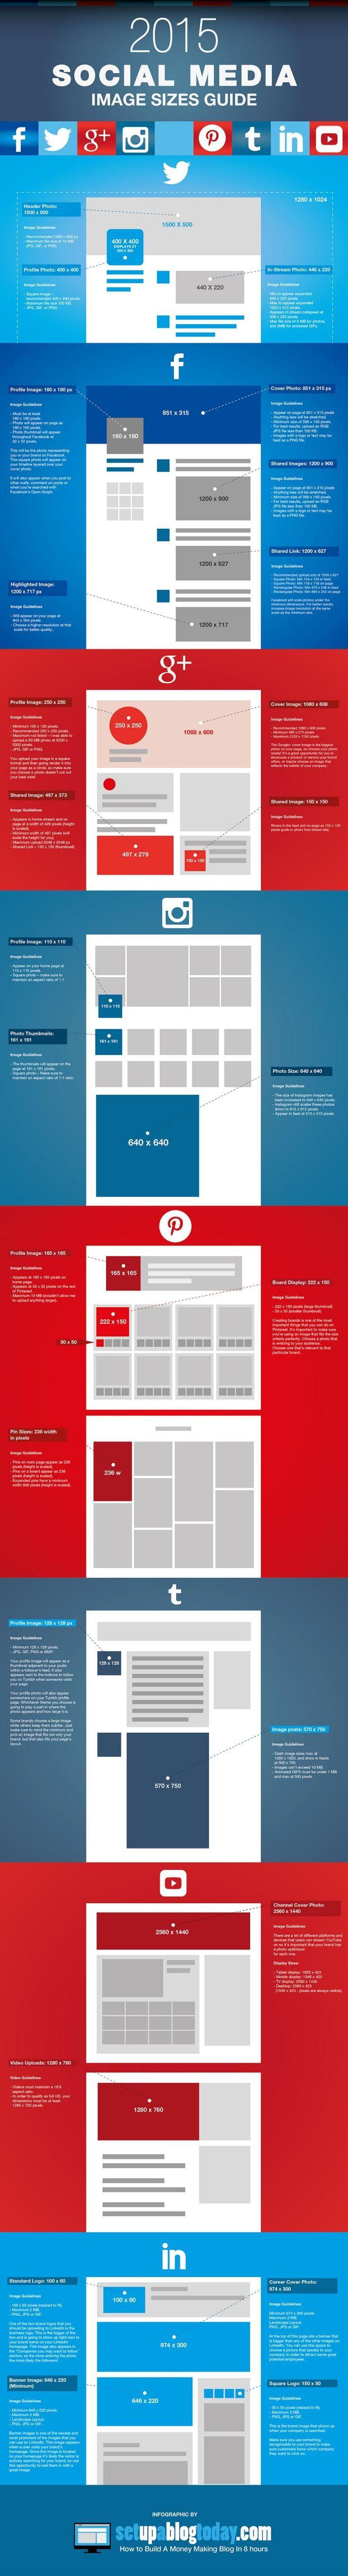 Una infografía, actualizada a enero de 2015, con las medidas oficiales de las imágenes para Redes Sociales: Twitter, Facebook, Google+, Instagram, etc.